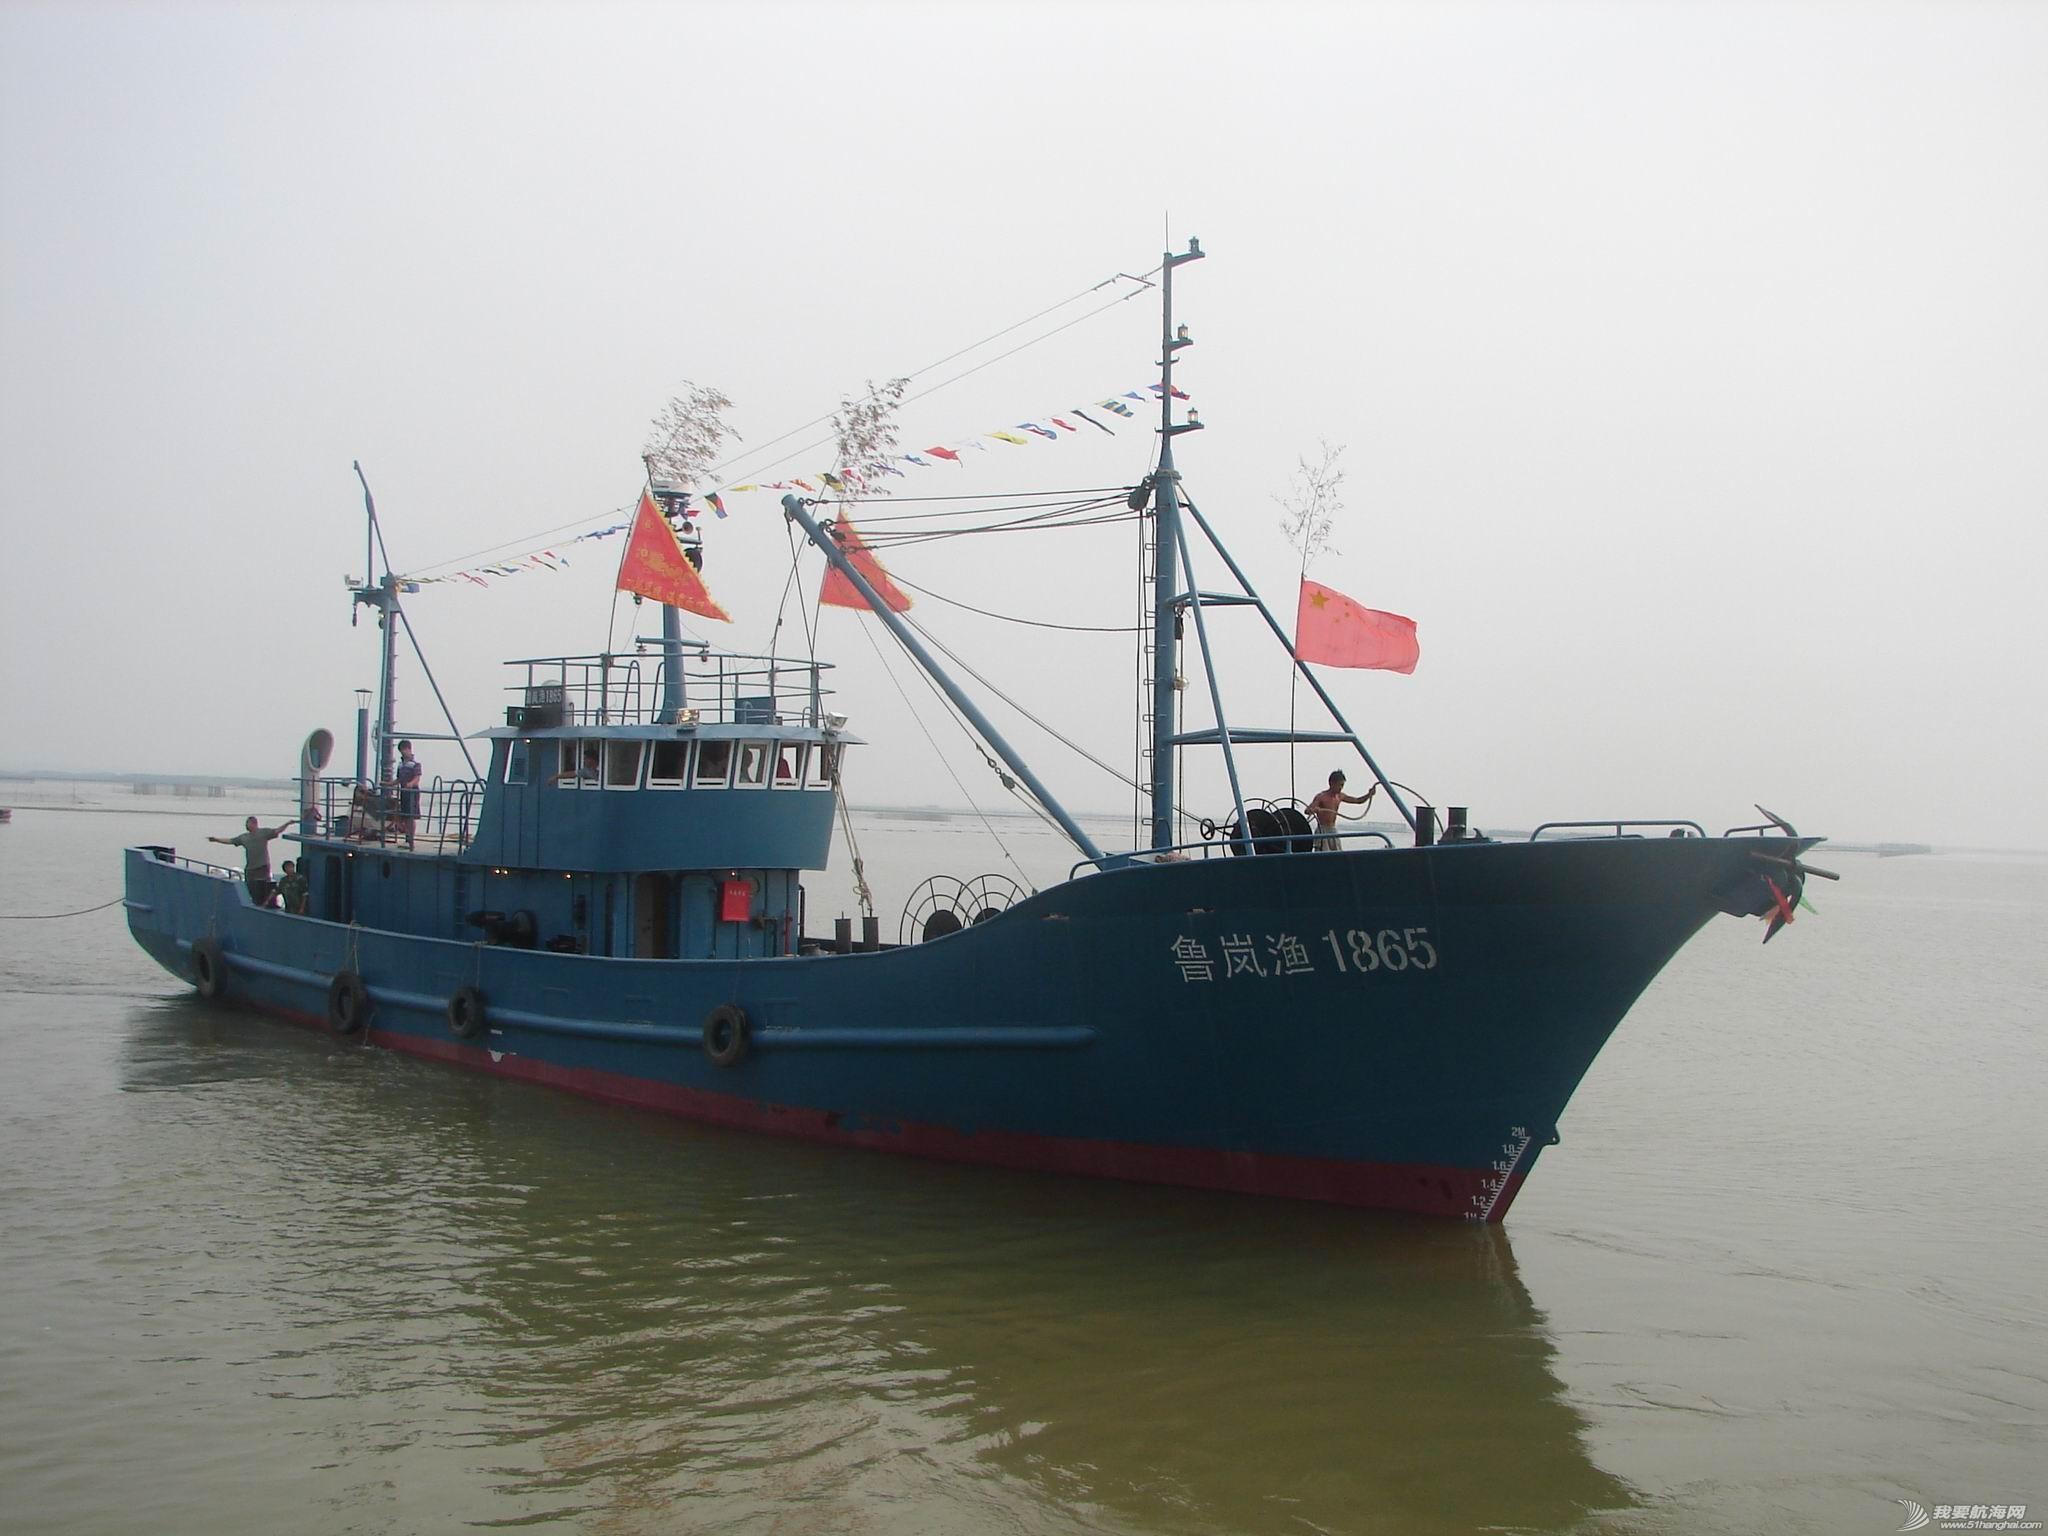 帆船 自制双体小帆船 我就喜欢这种大船